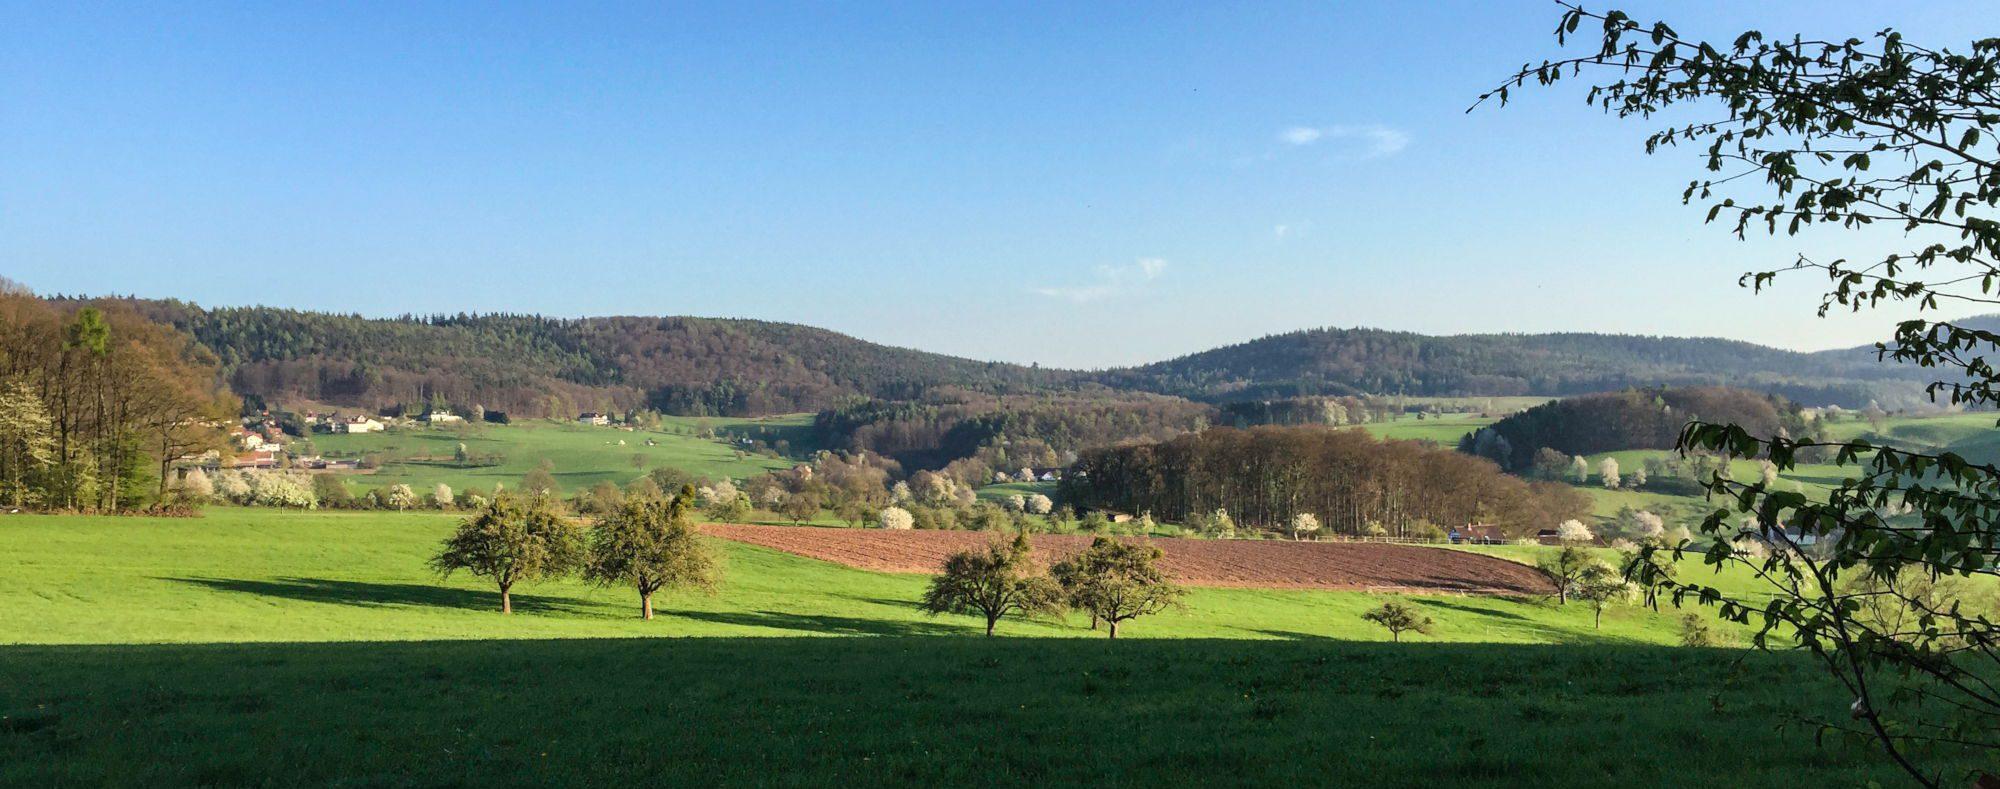 Landschaft imOdenwald